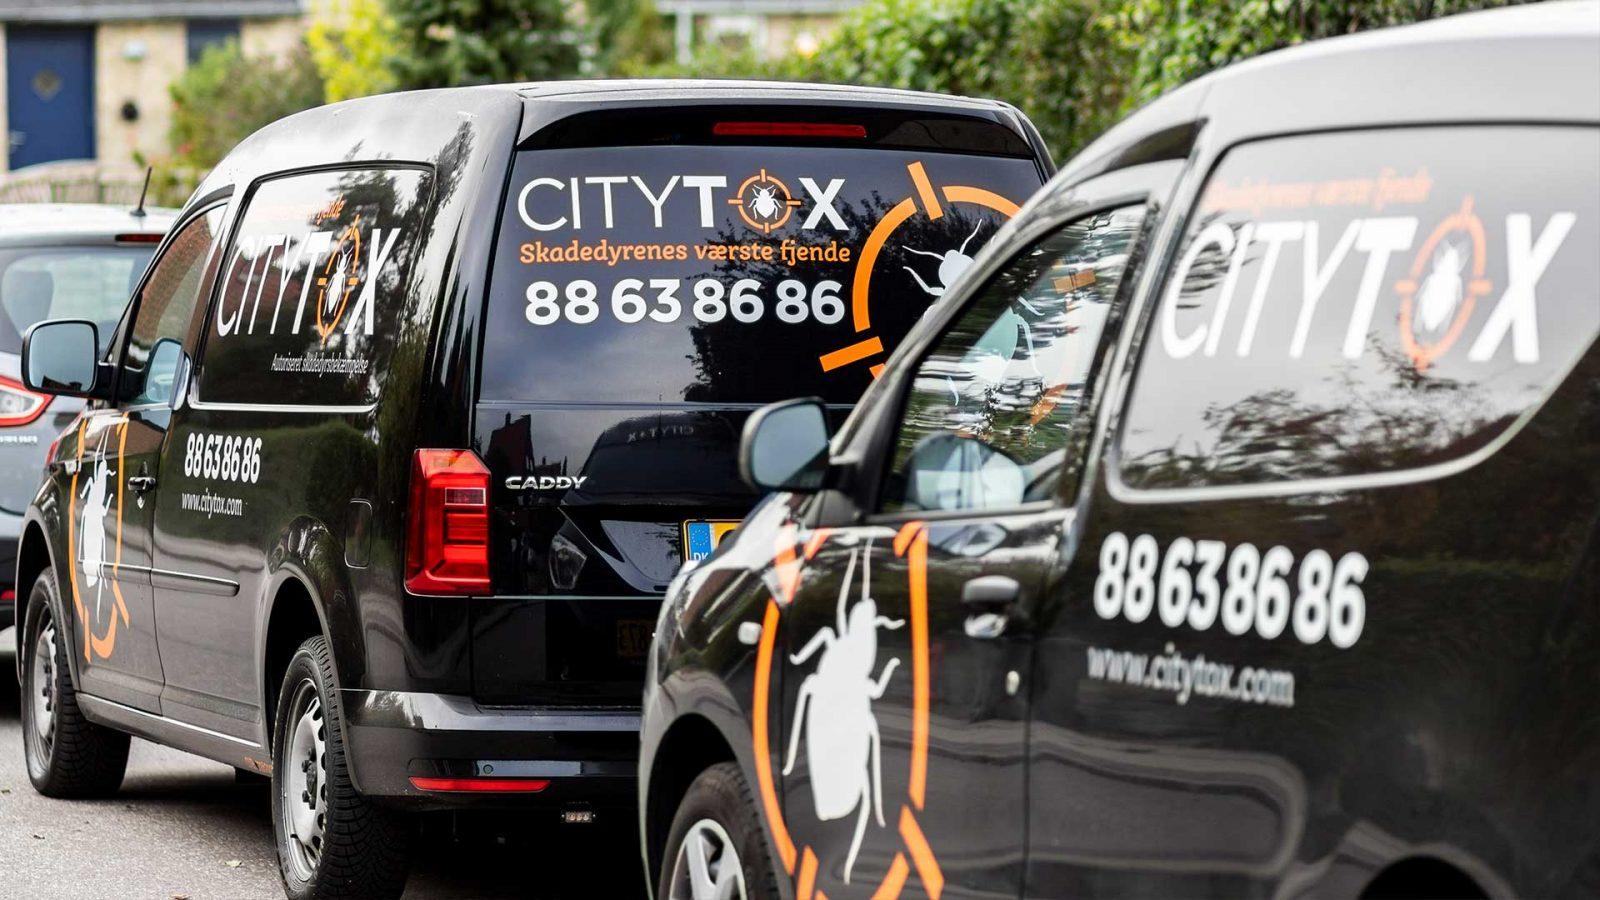 Citytox biler